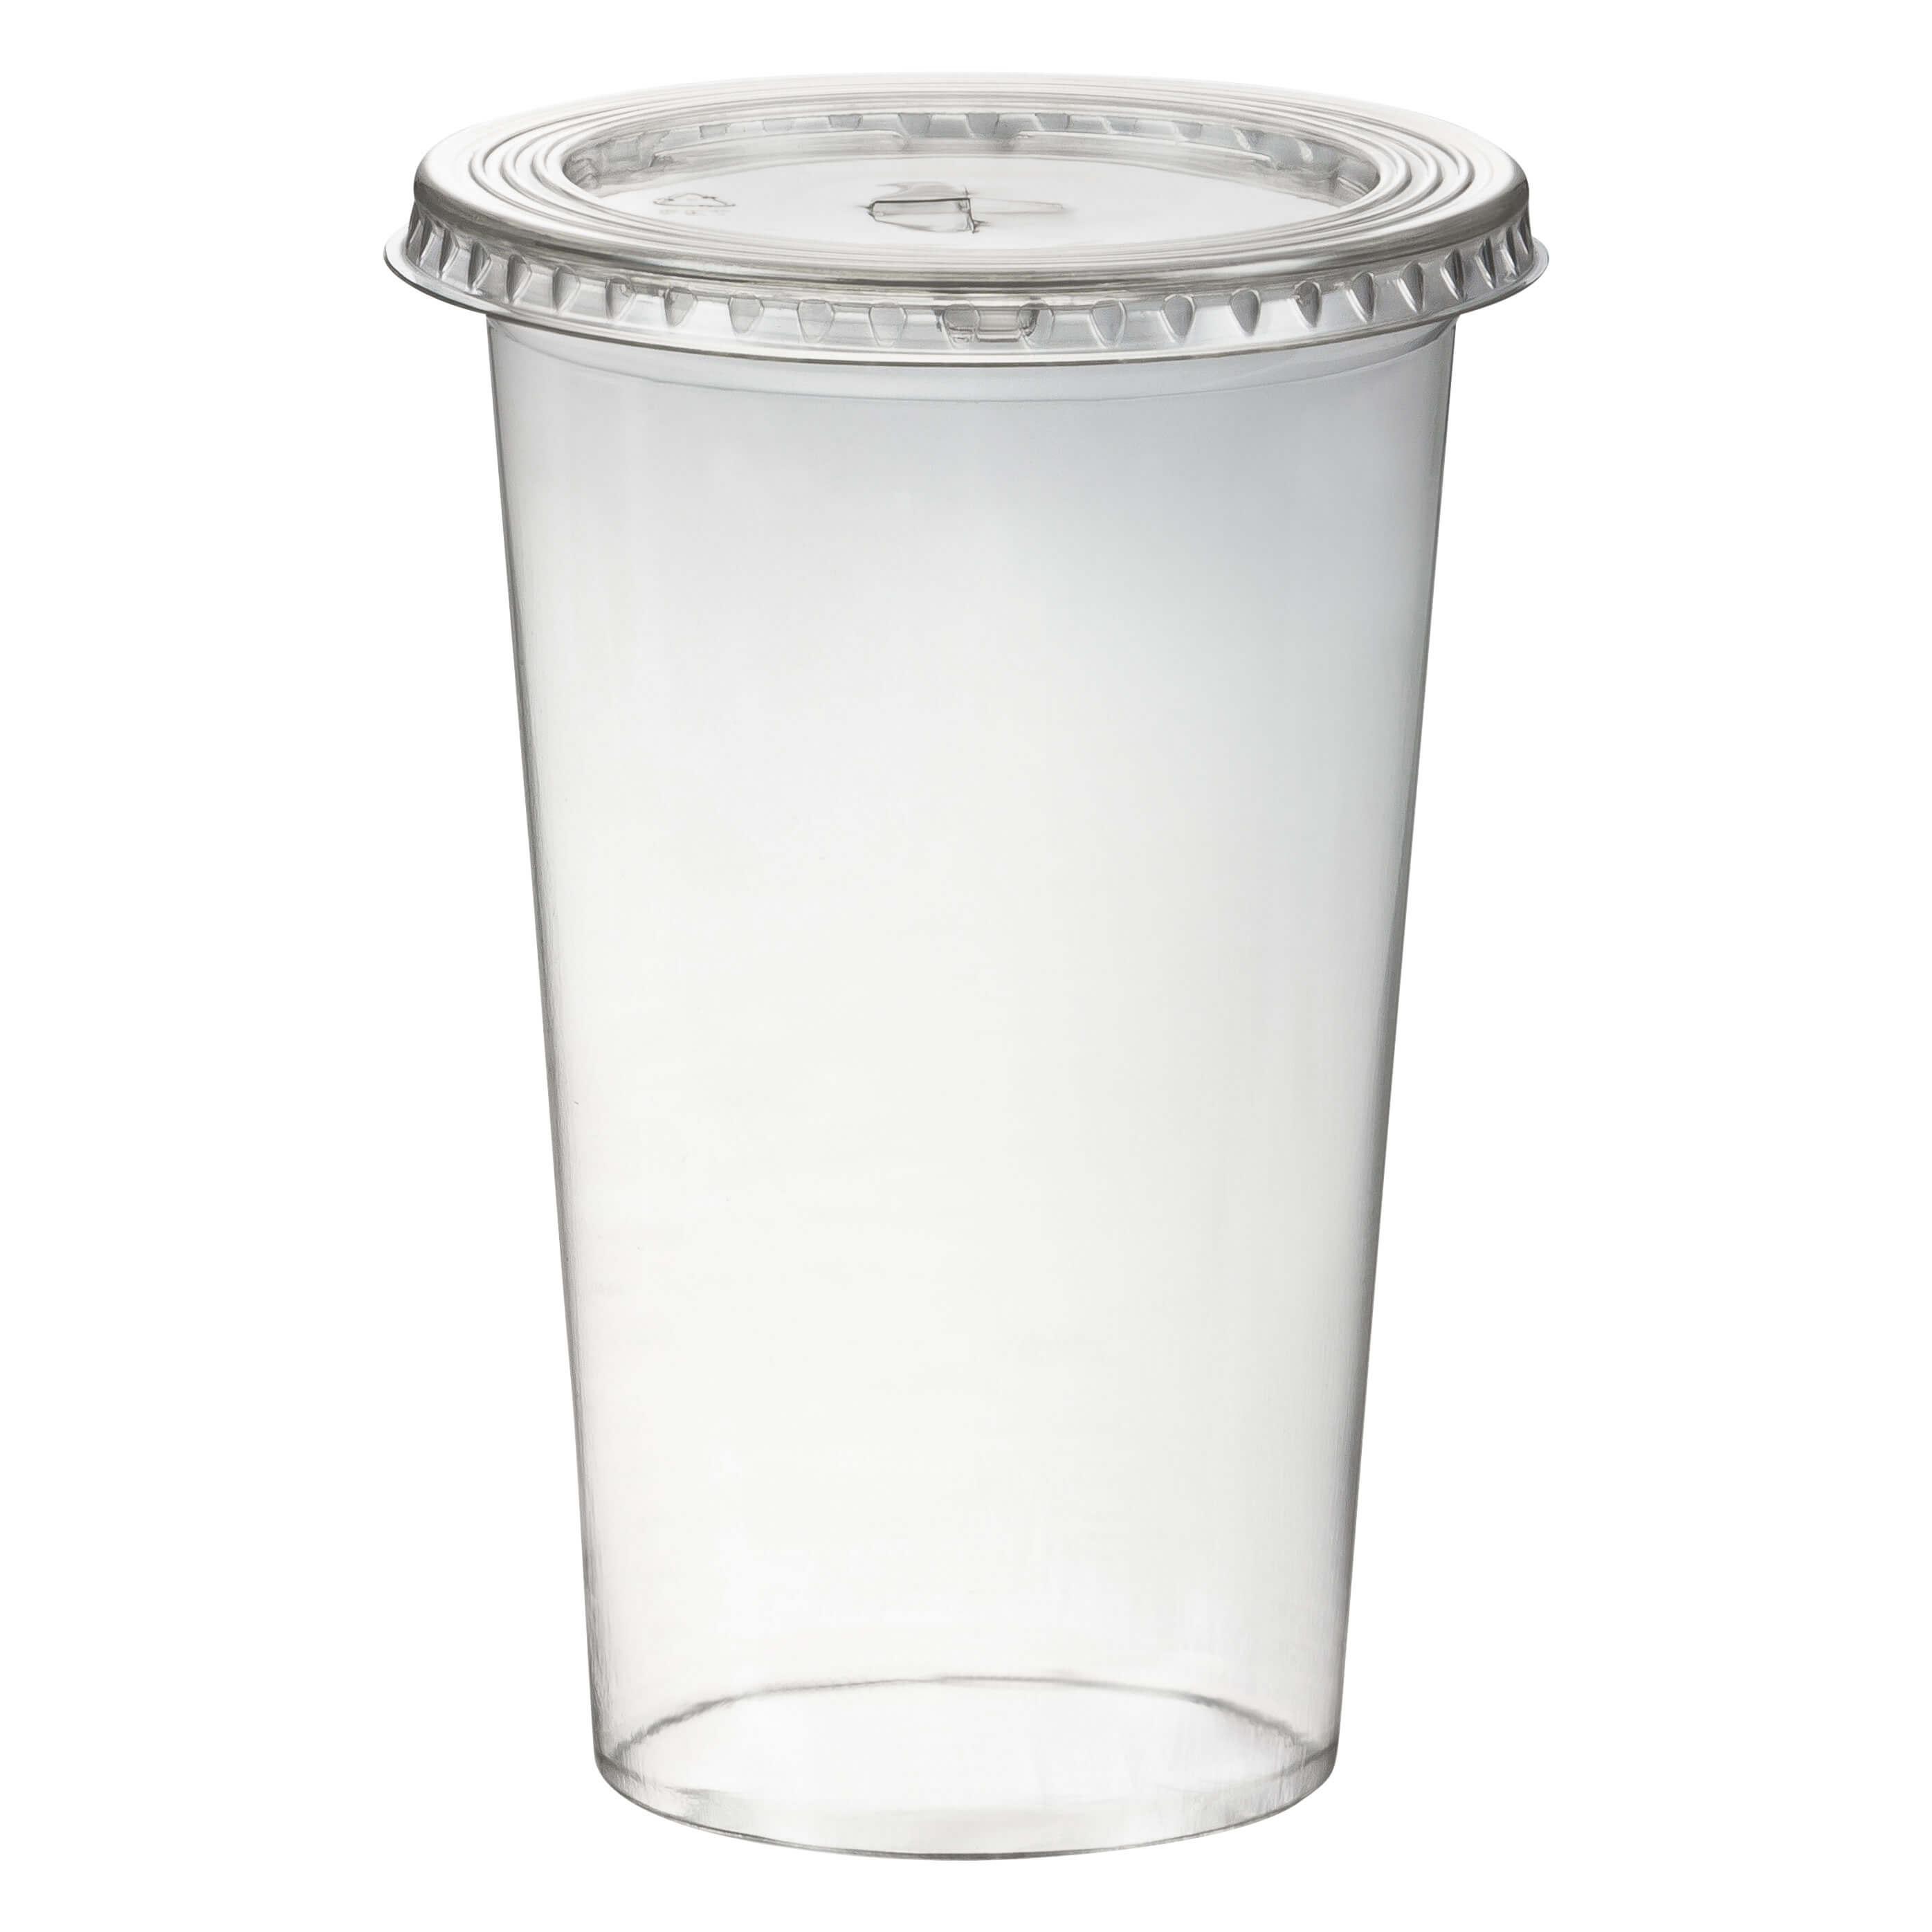 Smoothiesbecher inkl. Deckel mit Schlitz 400 ml, Ø 95mm, PET, glasklar, 50 Stk.